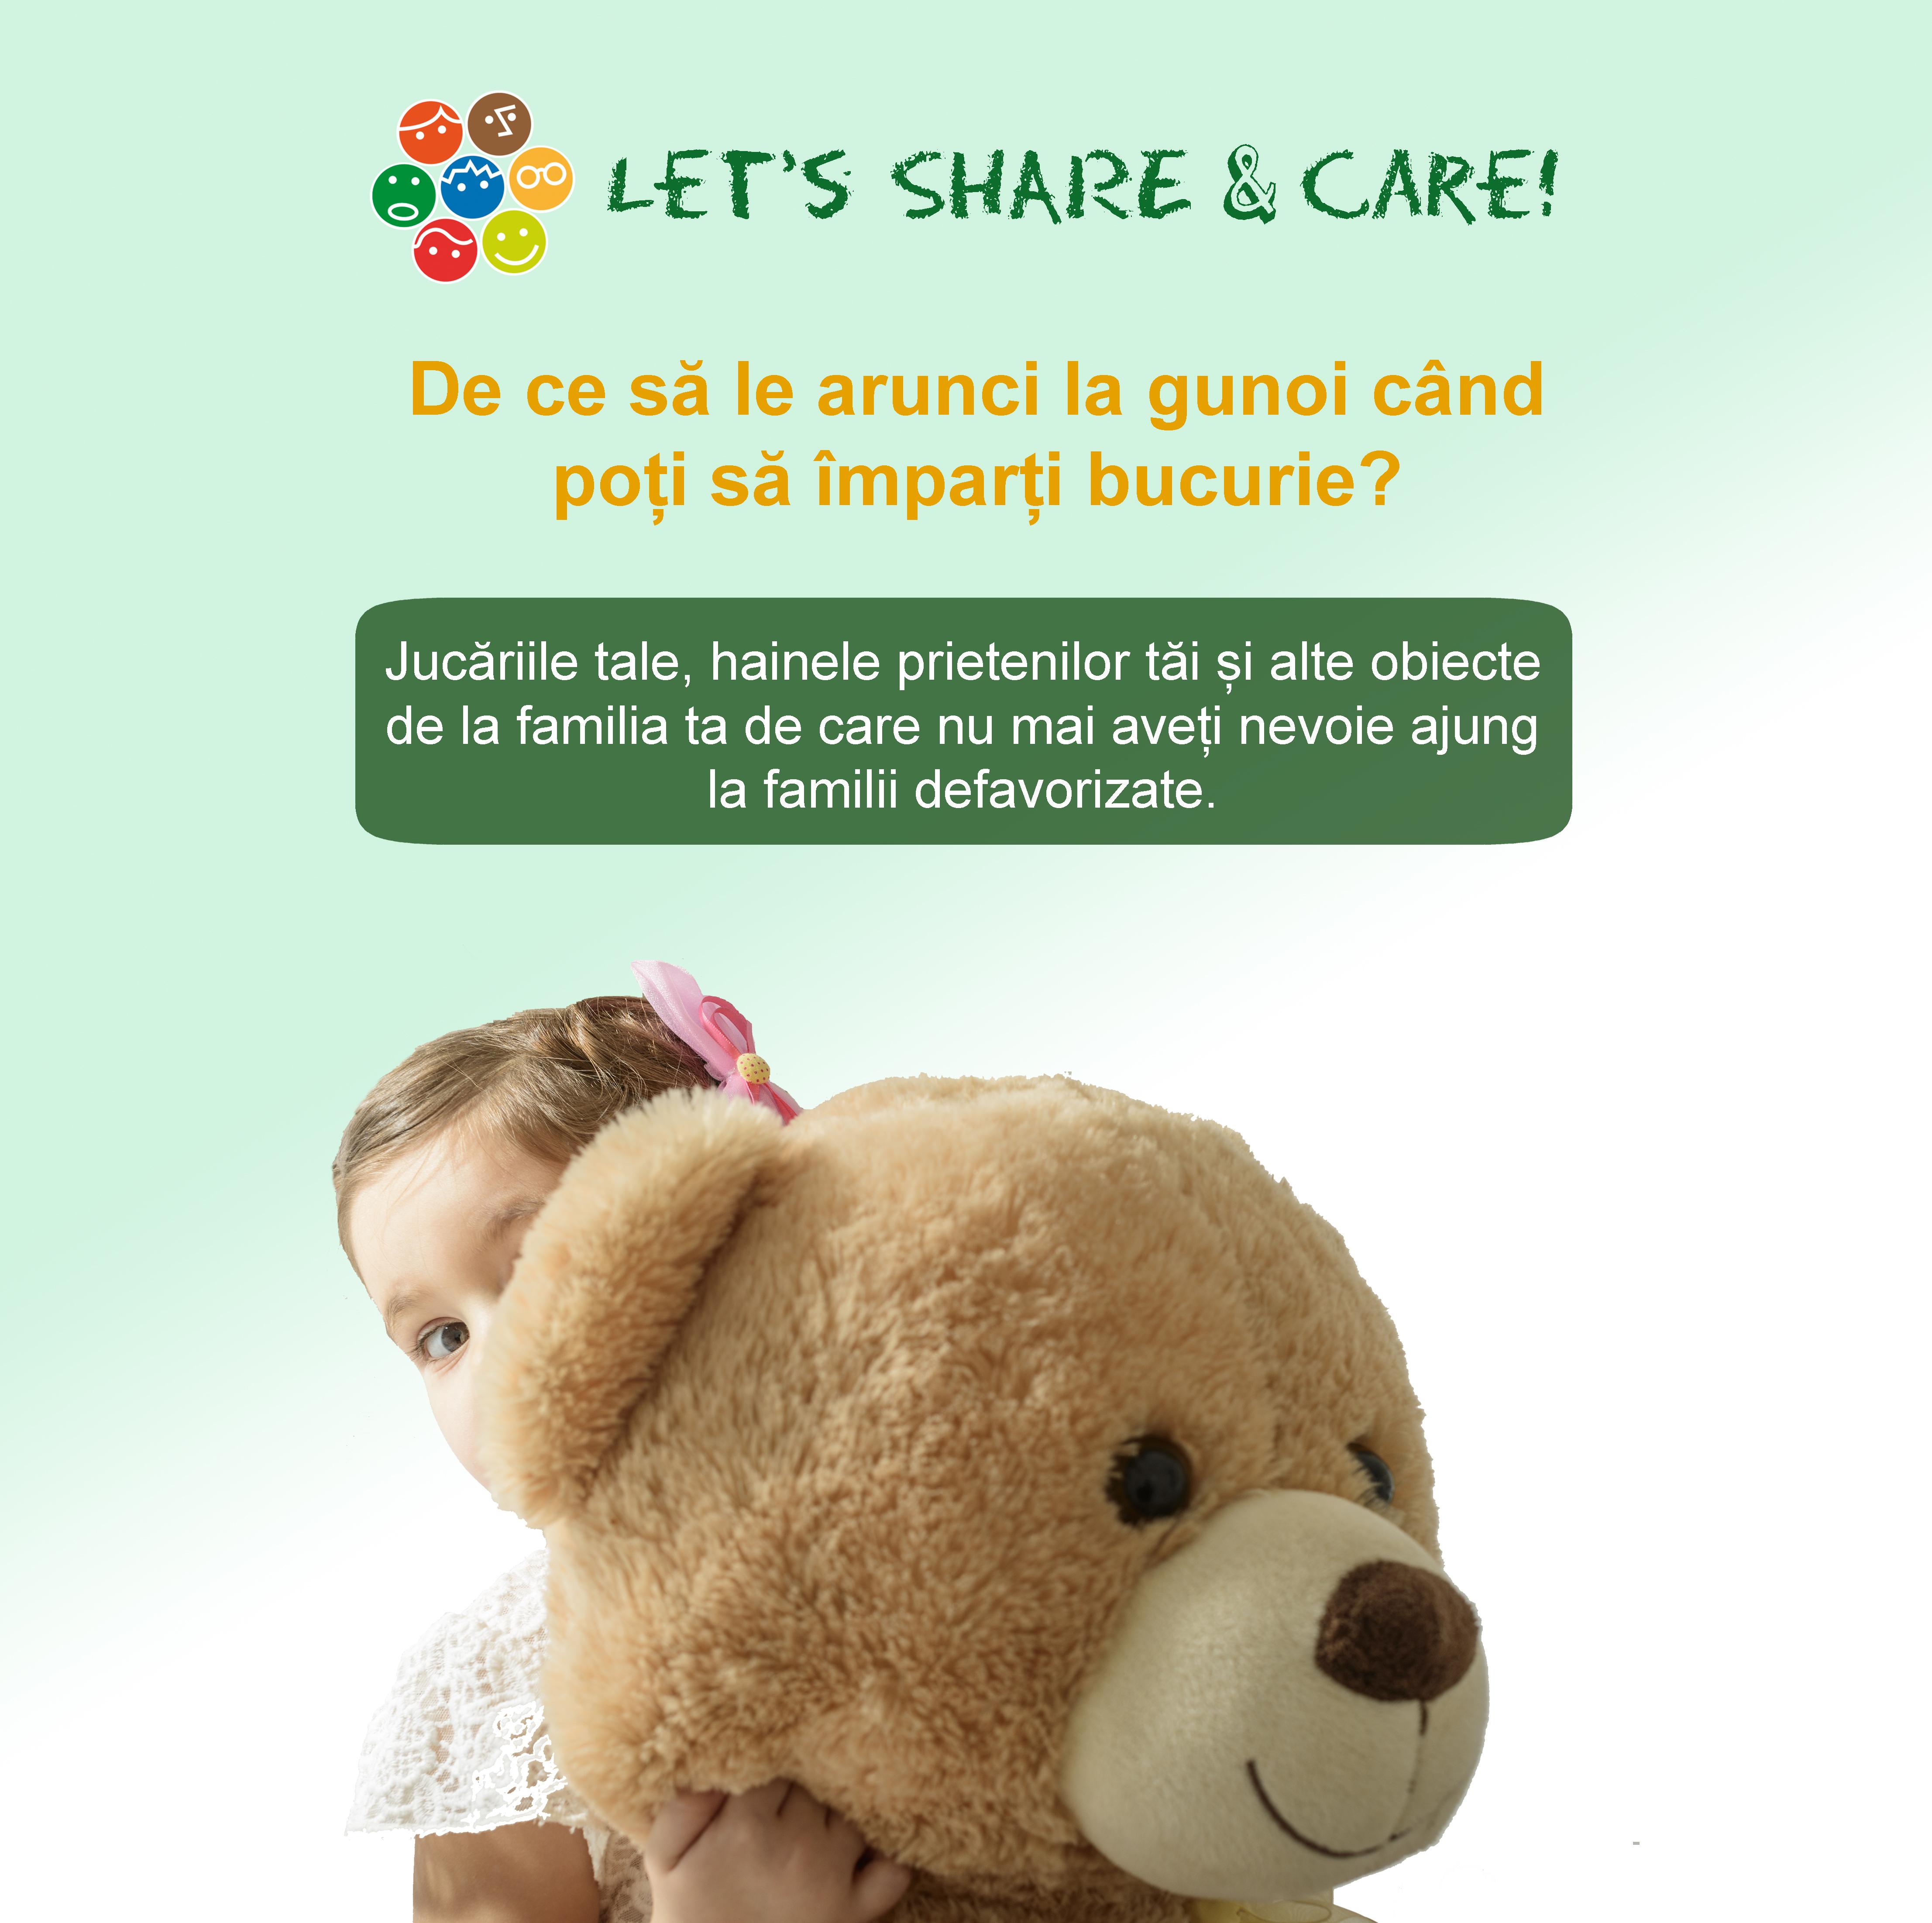 """""""Let's Share & Care!"""" – 26 de tone de resurse salvate  şi 850 de elevi din comunităţi dezavantajate sprijiniţi să meargă la școală"""